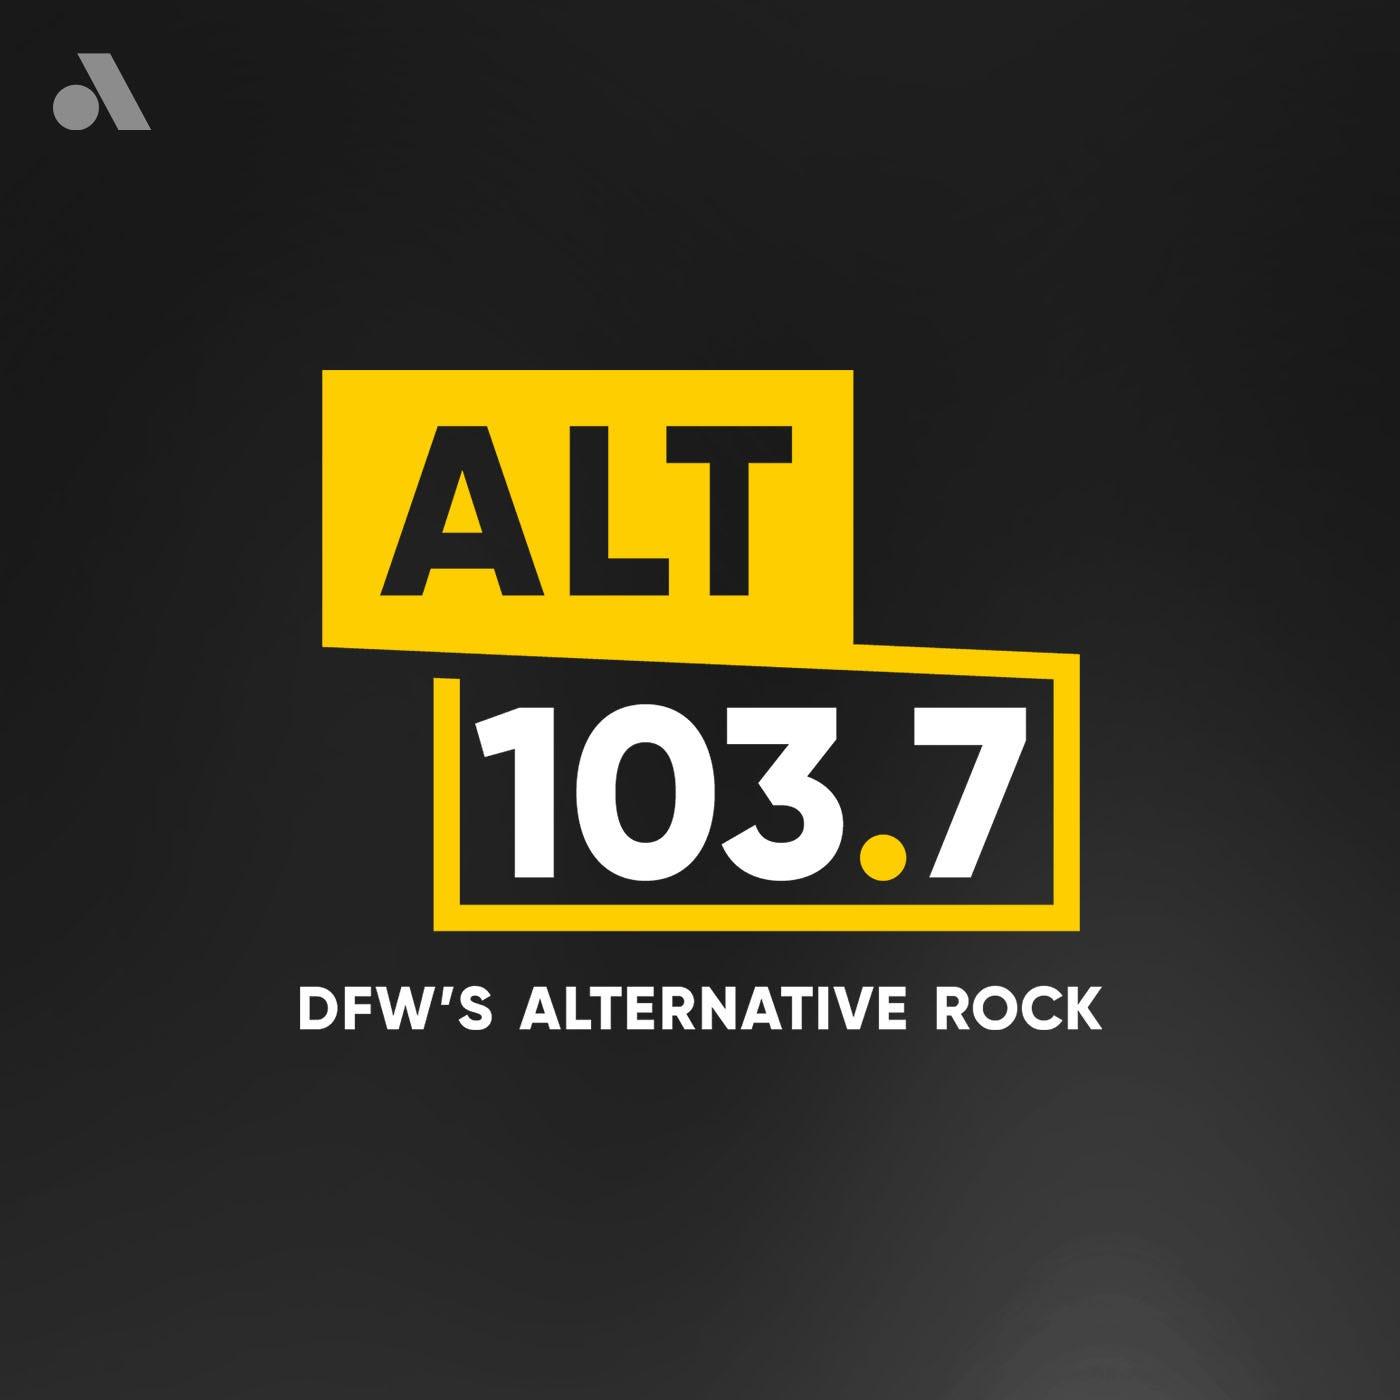 ALT 103.7